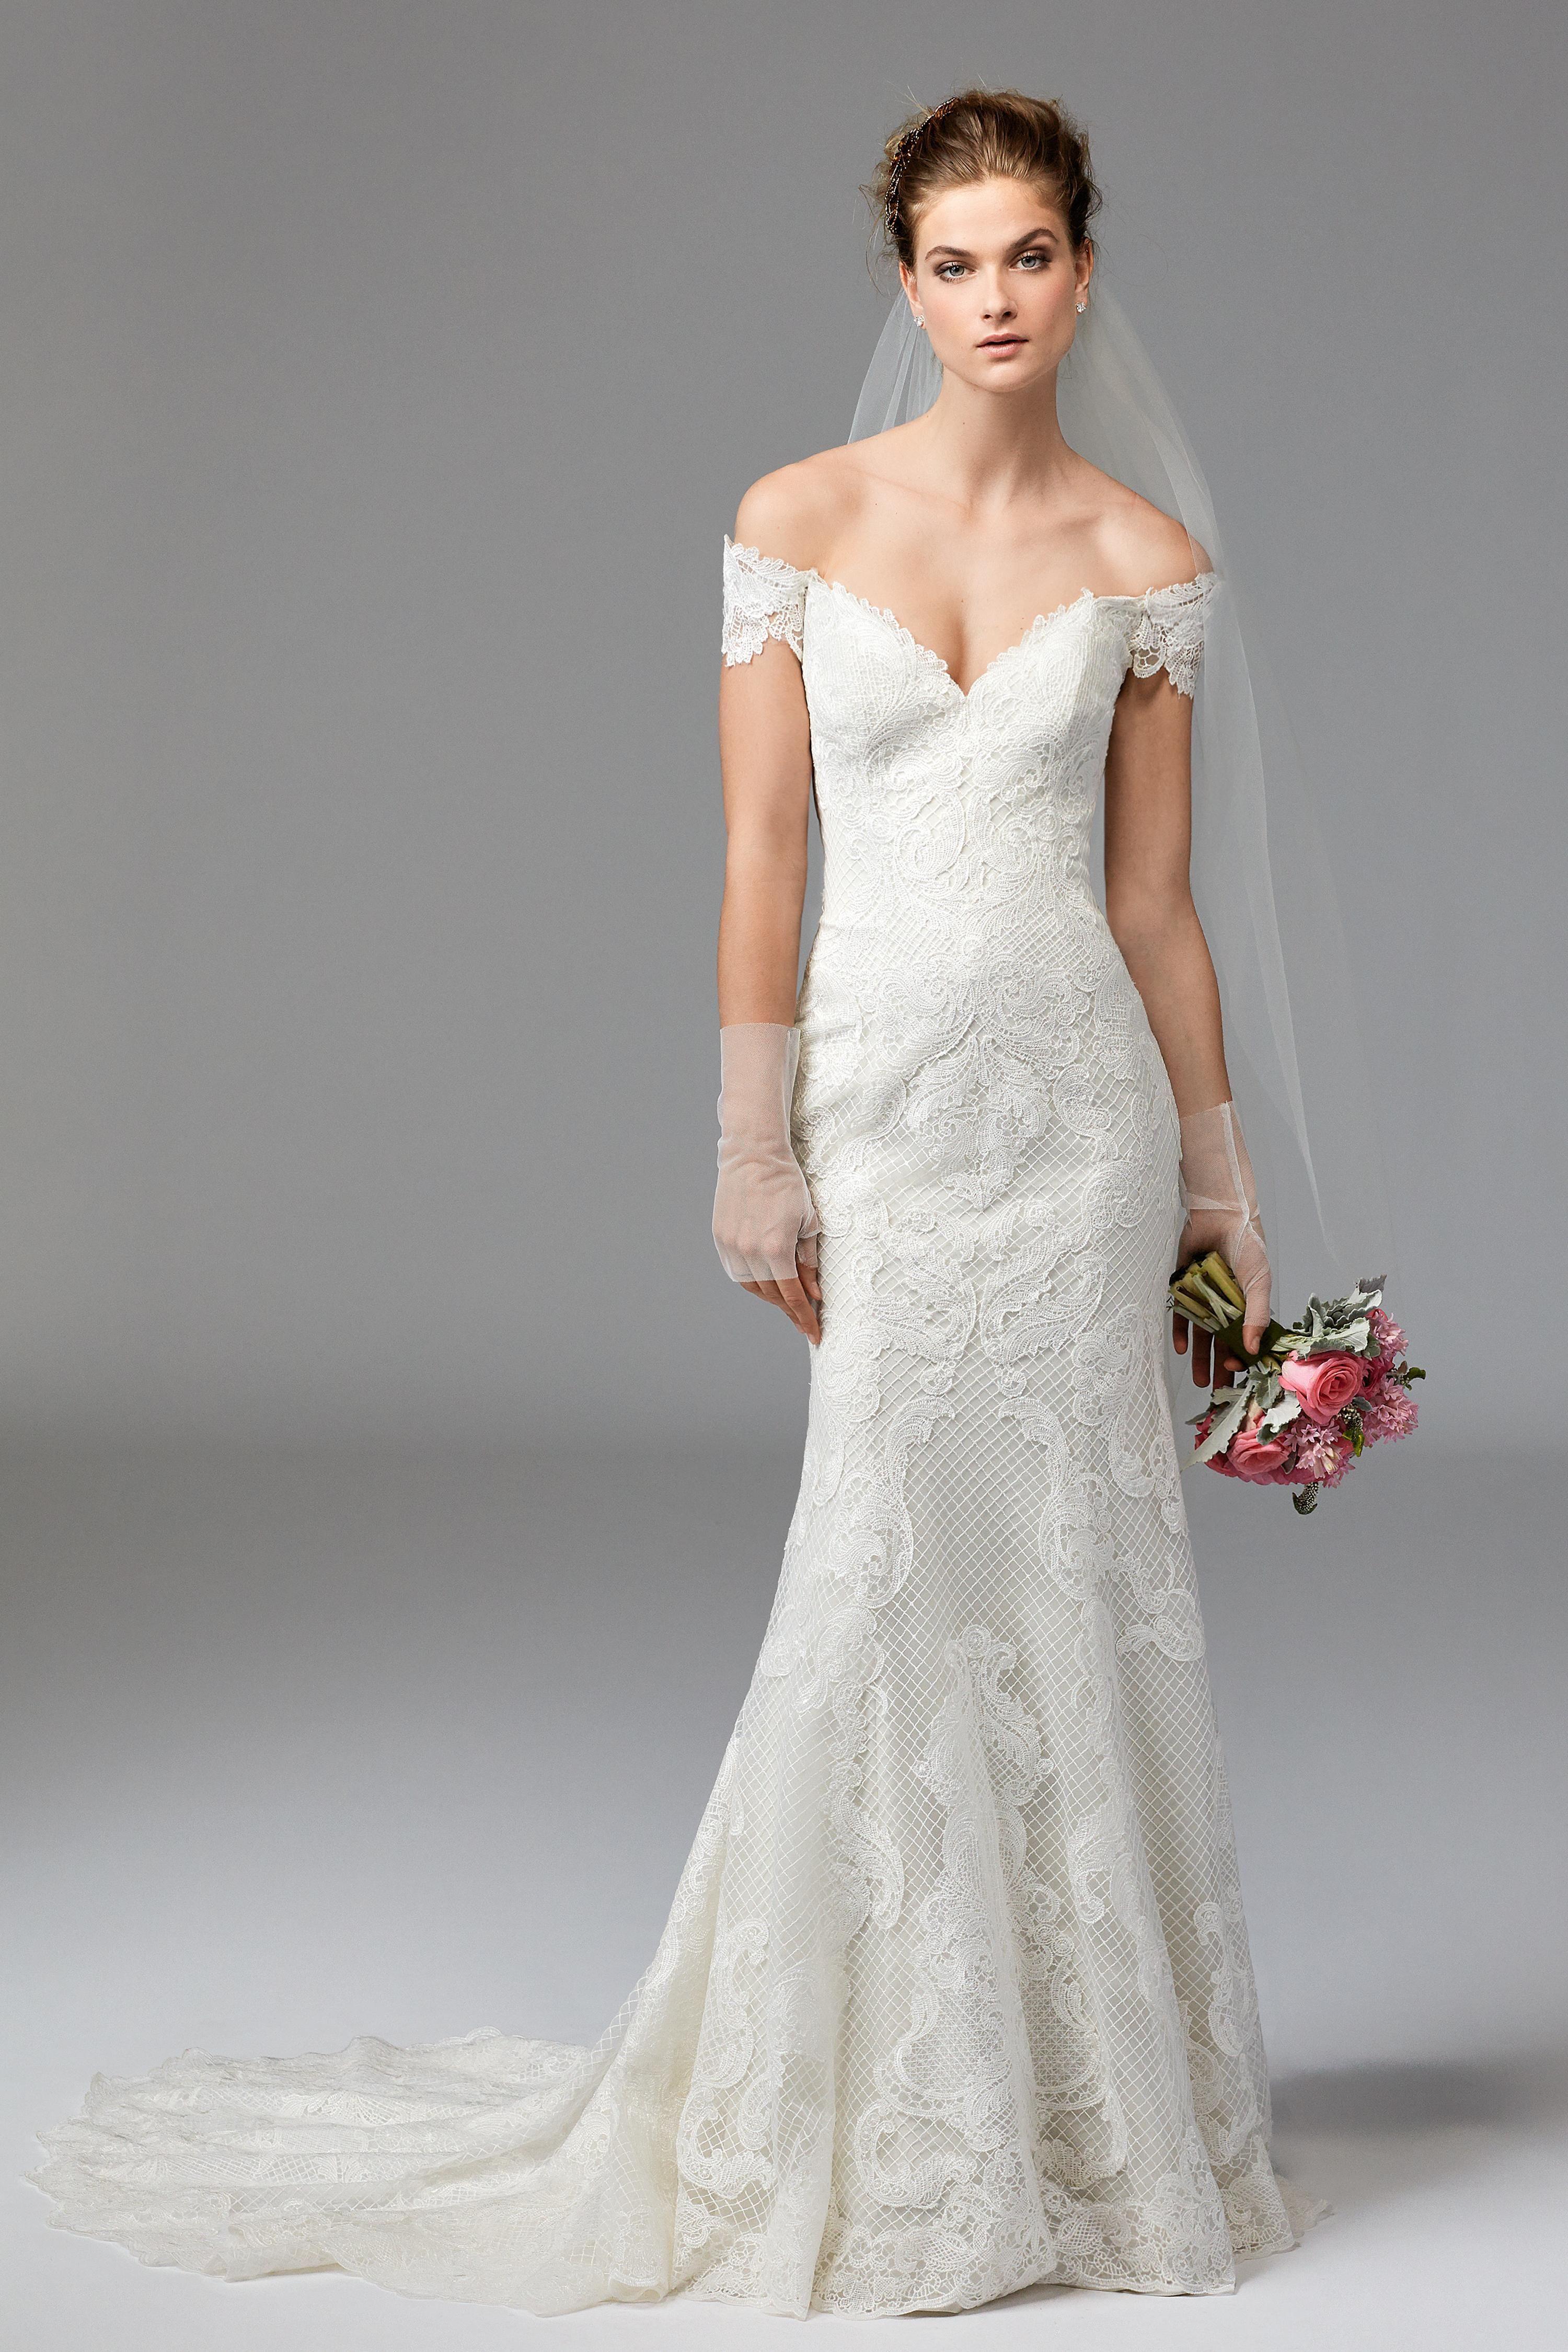 Watters Bridal Week Spring 2017 Greek WeddingDream DressWatters